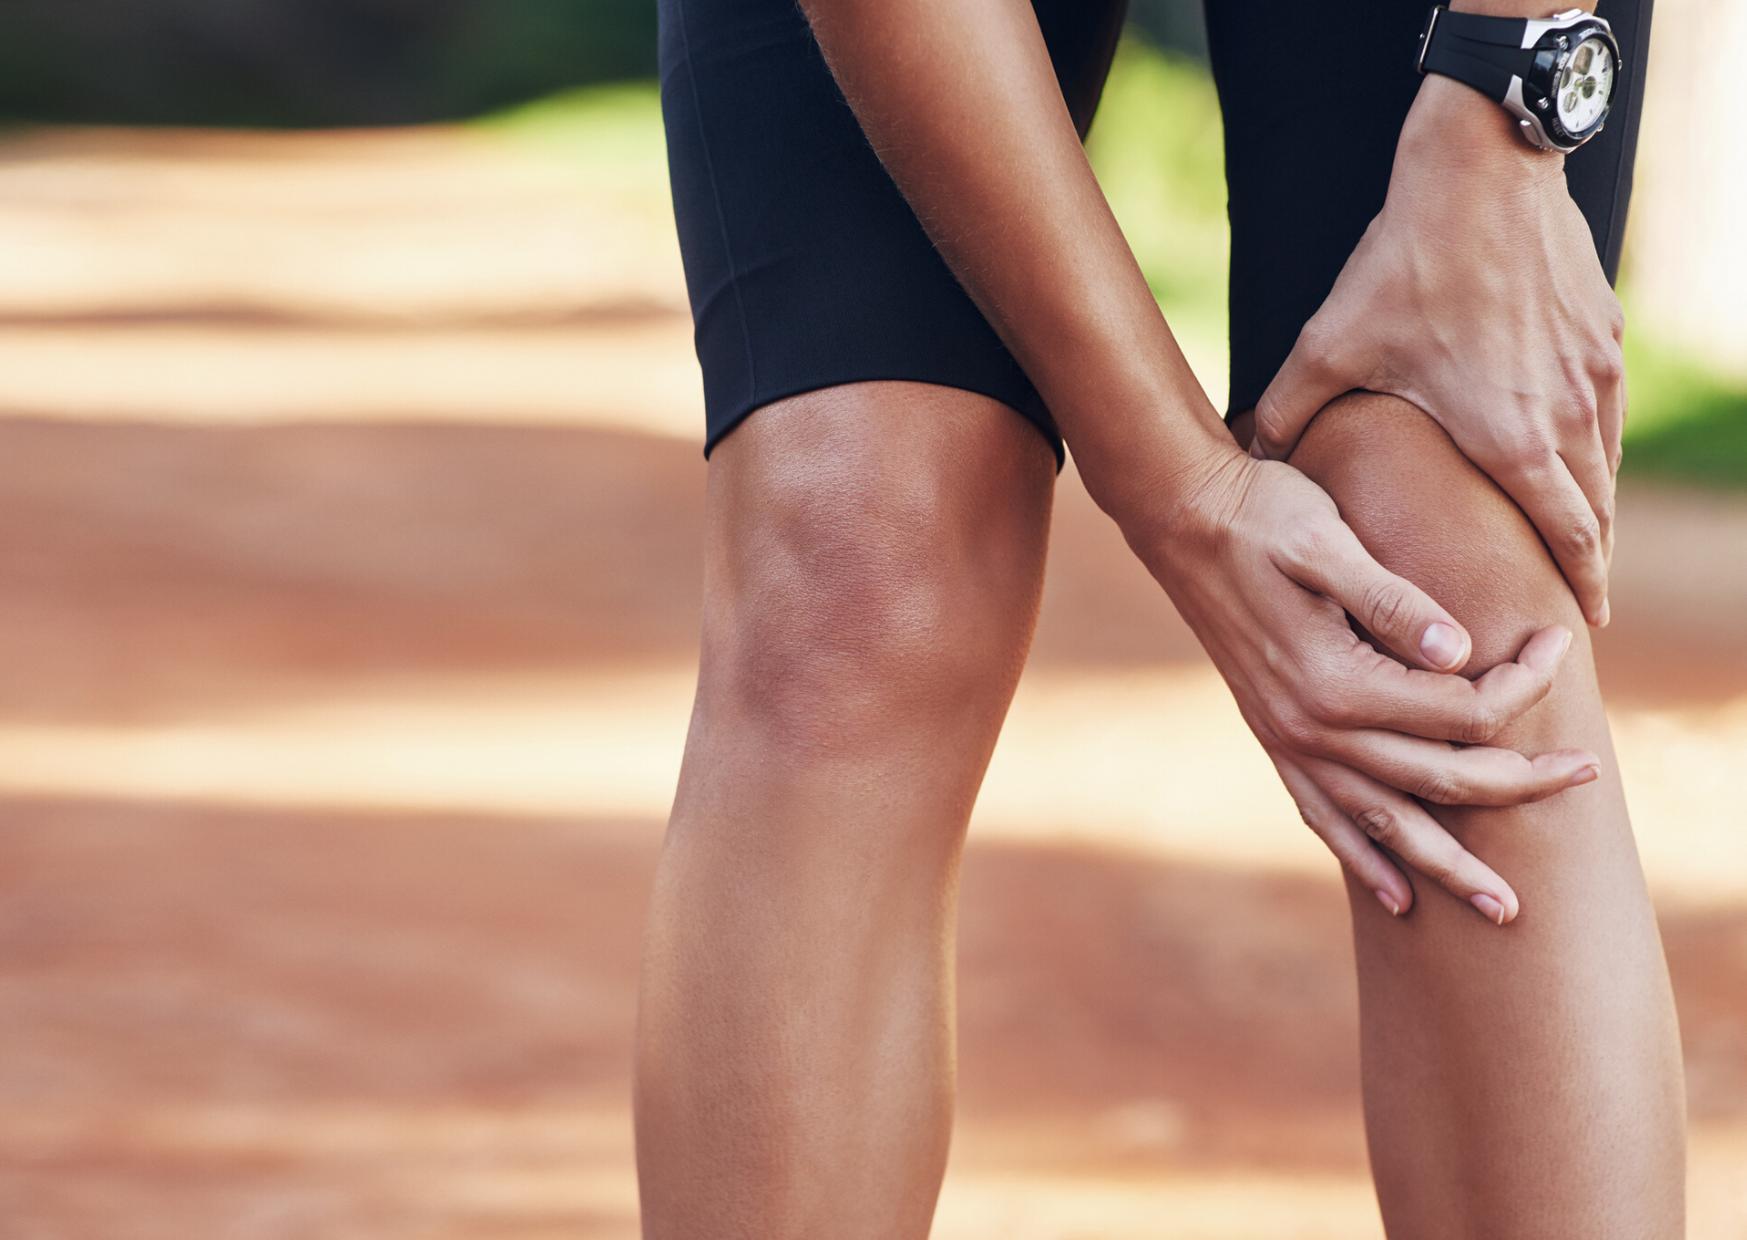 térdízületek és lapos lábak fájdalma boka duzzanata sérülés után